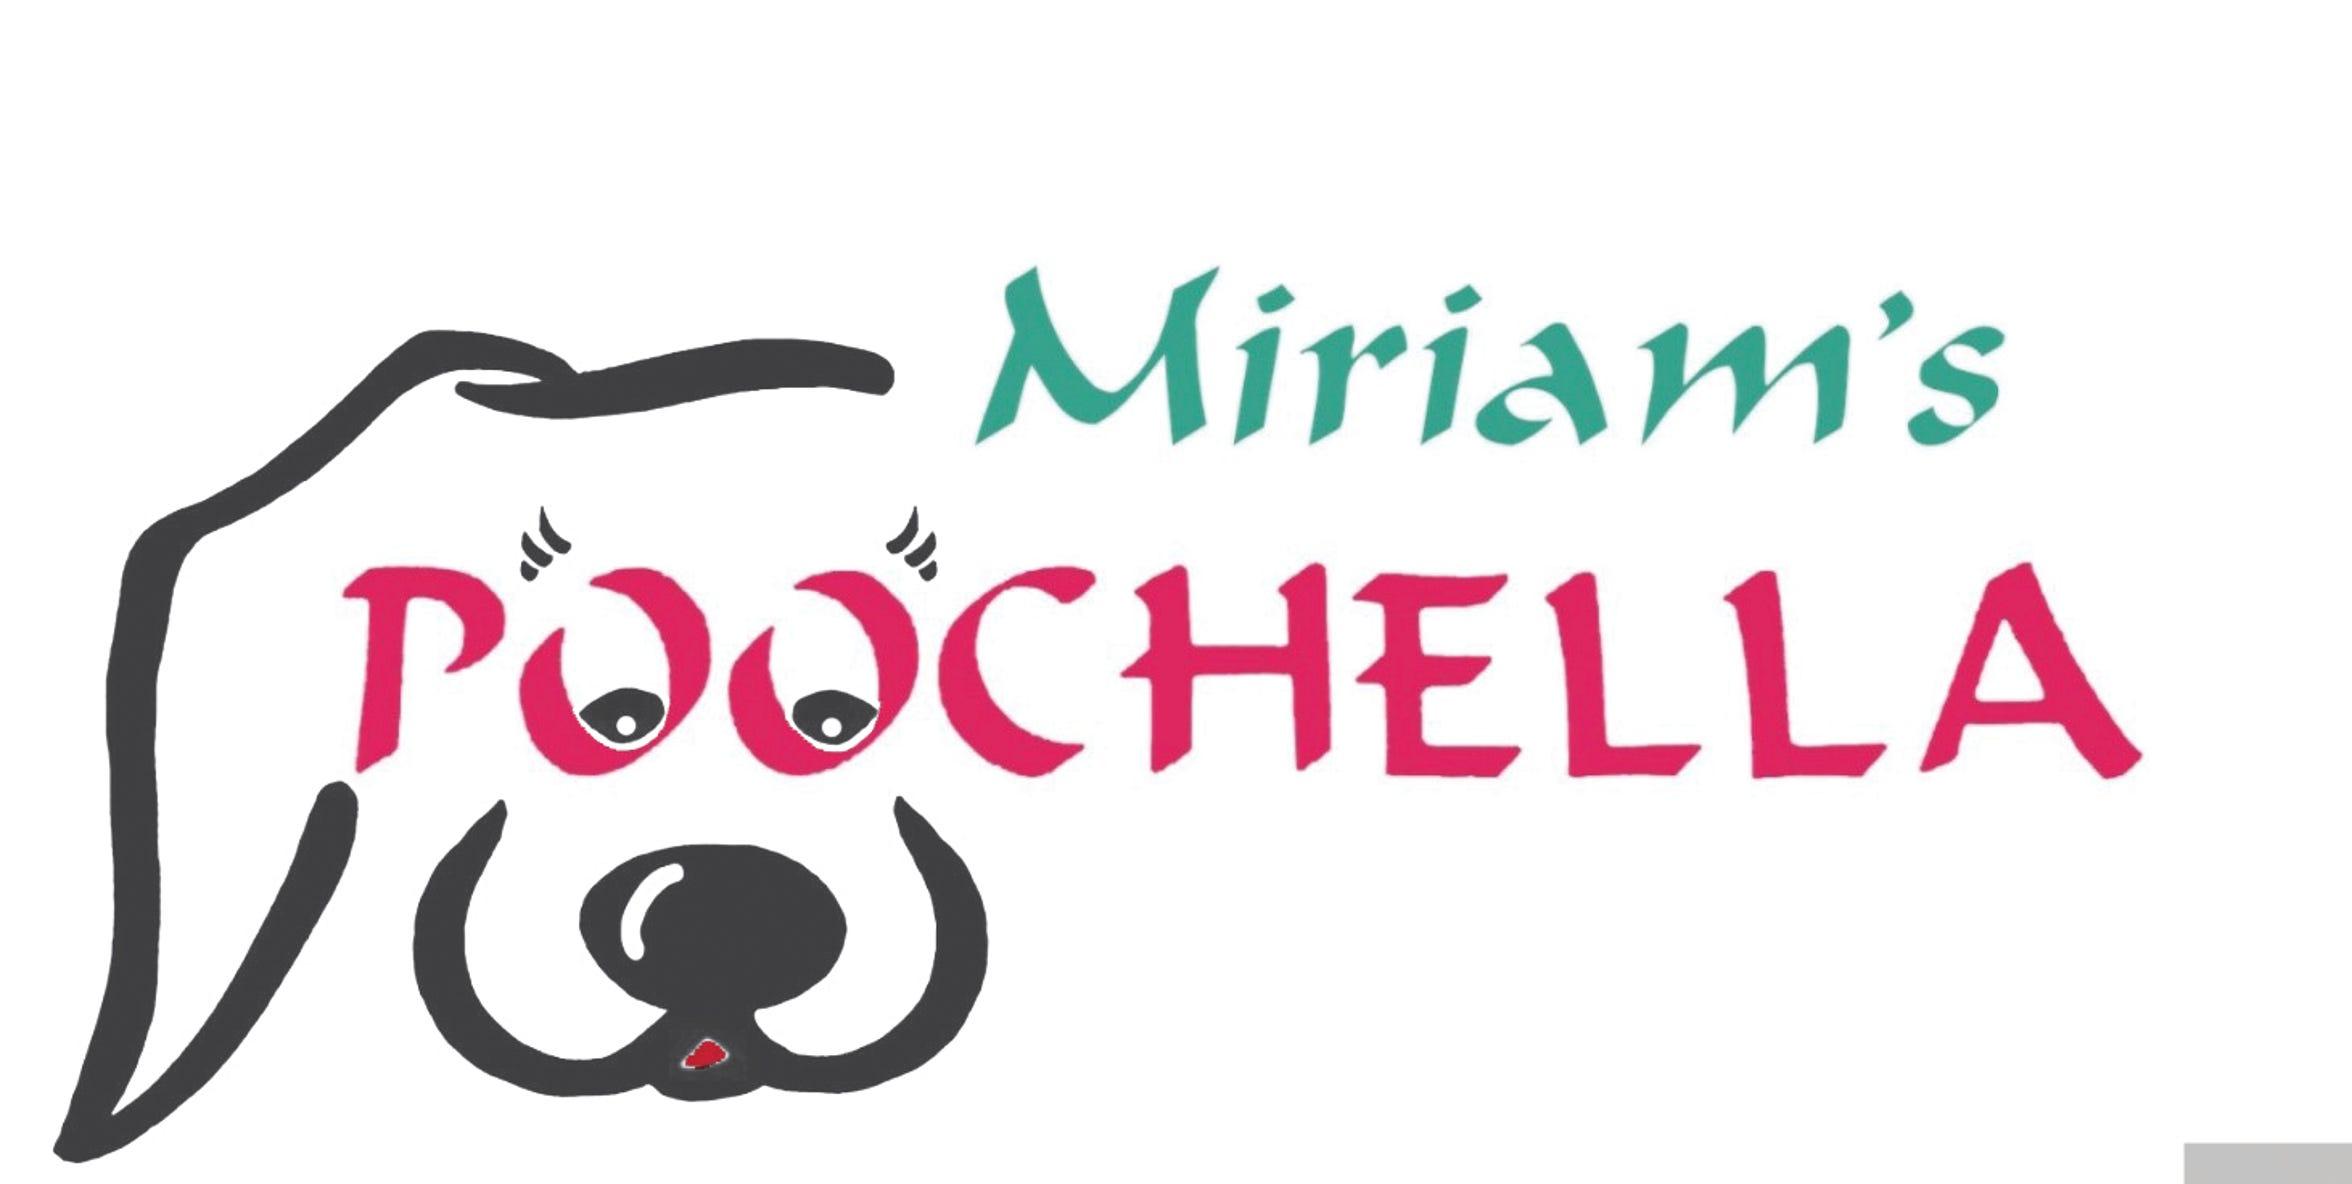 Best Pet Groomer/Boarder: Miriam's Poochella Grooming.